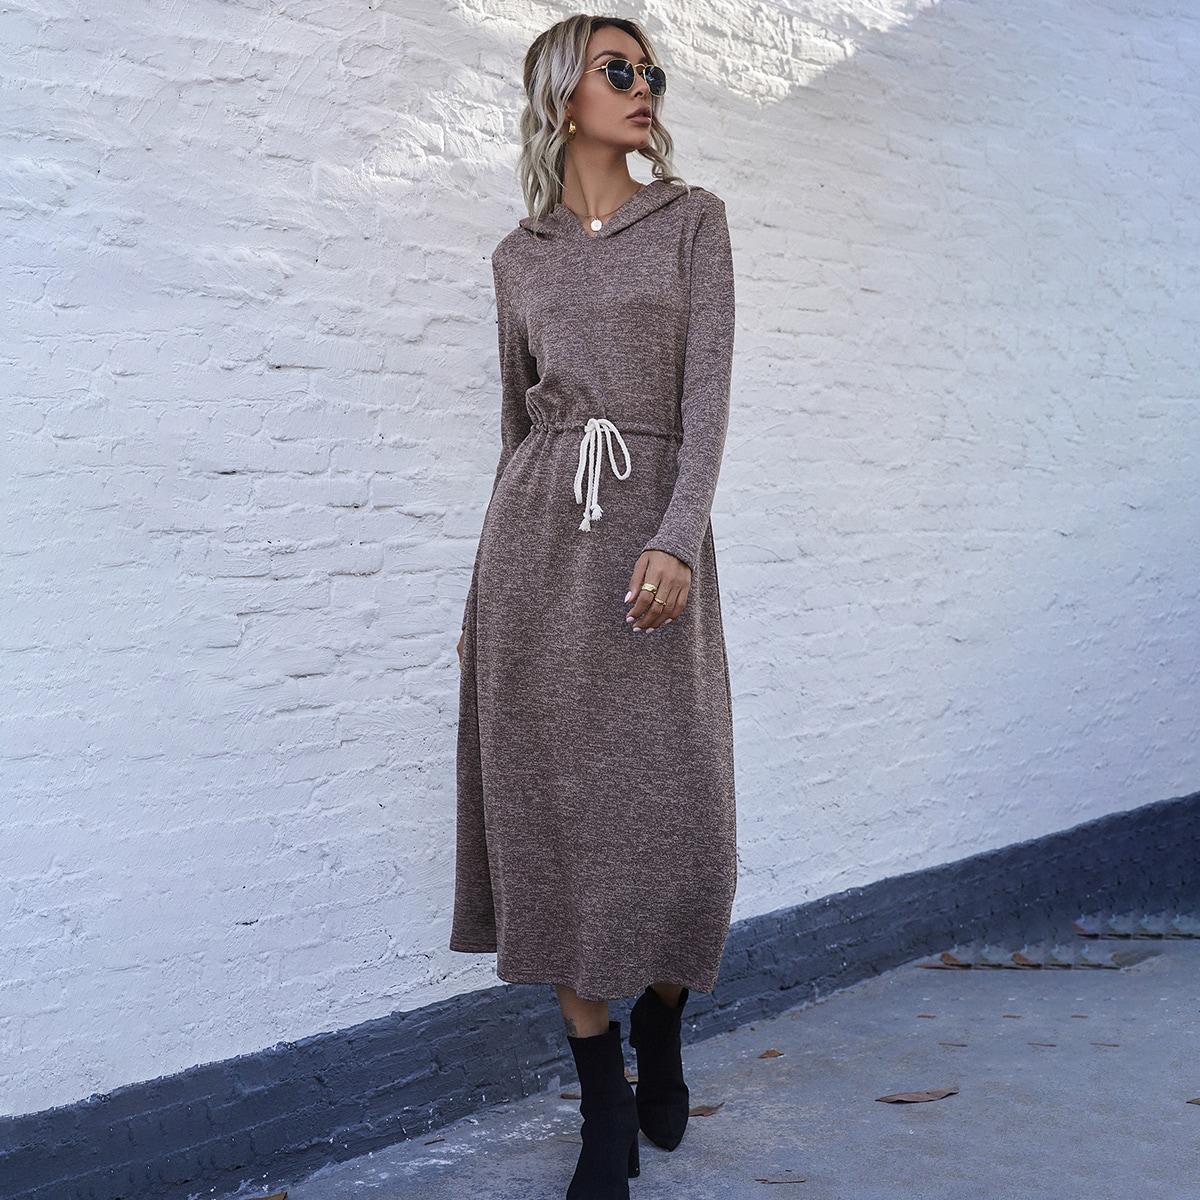 Вязаное платье с капюшоном на кулиске